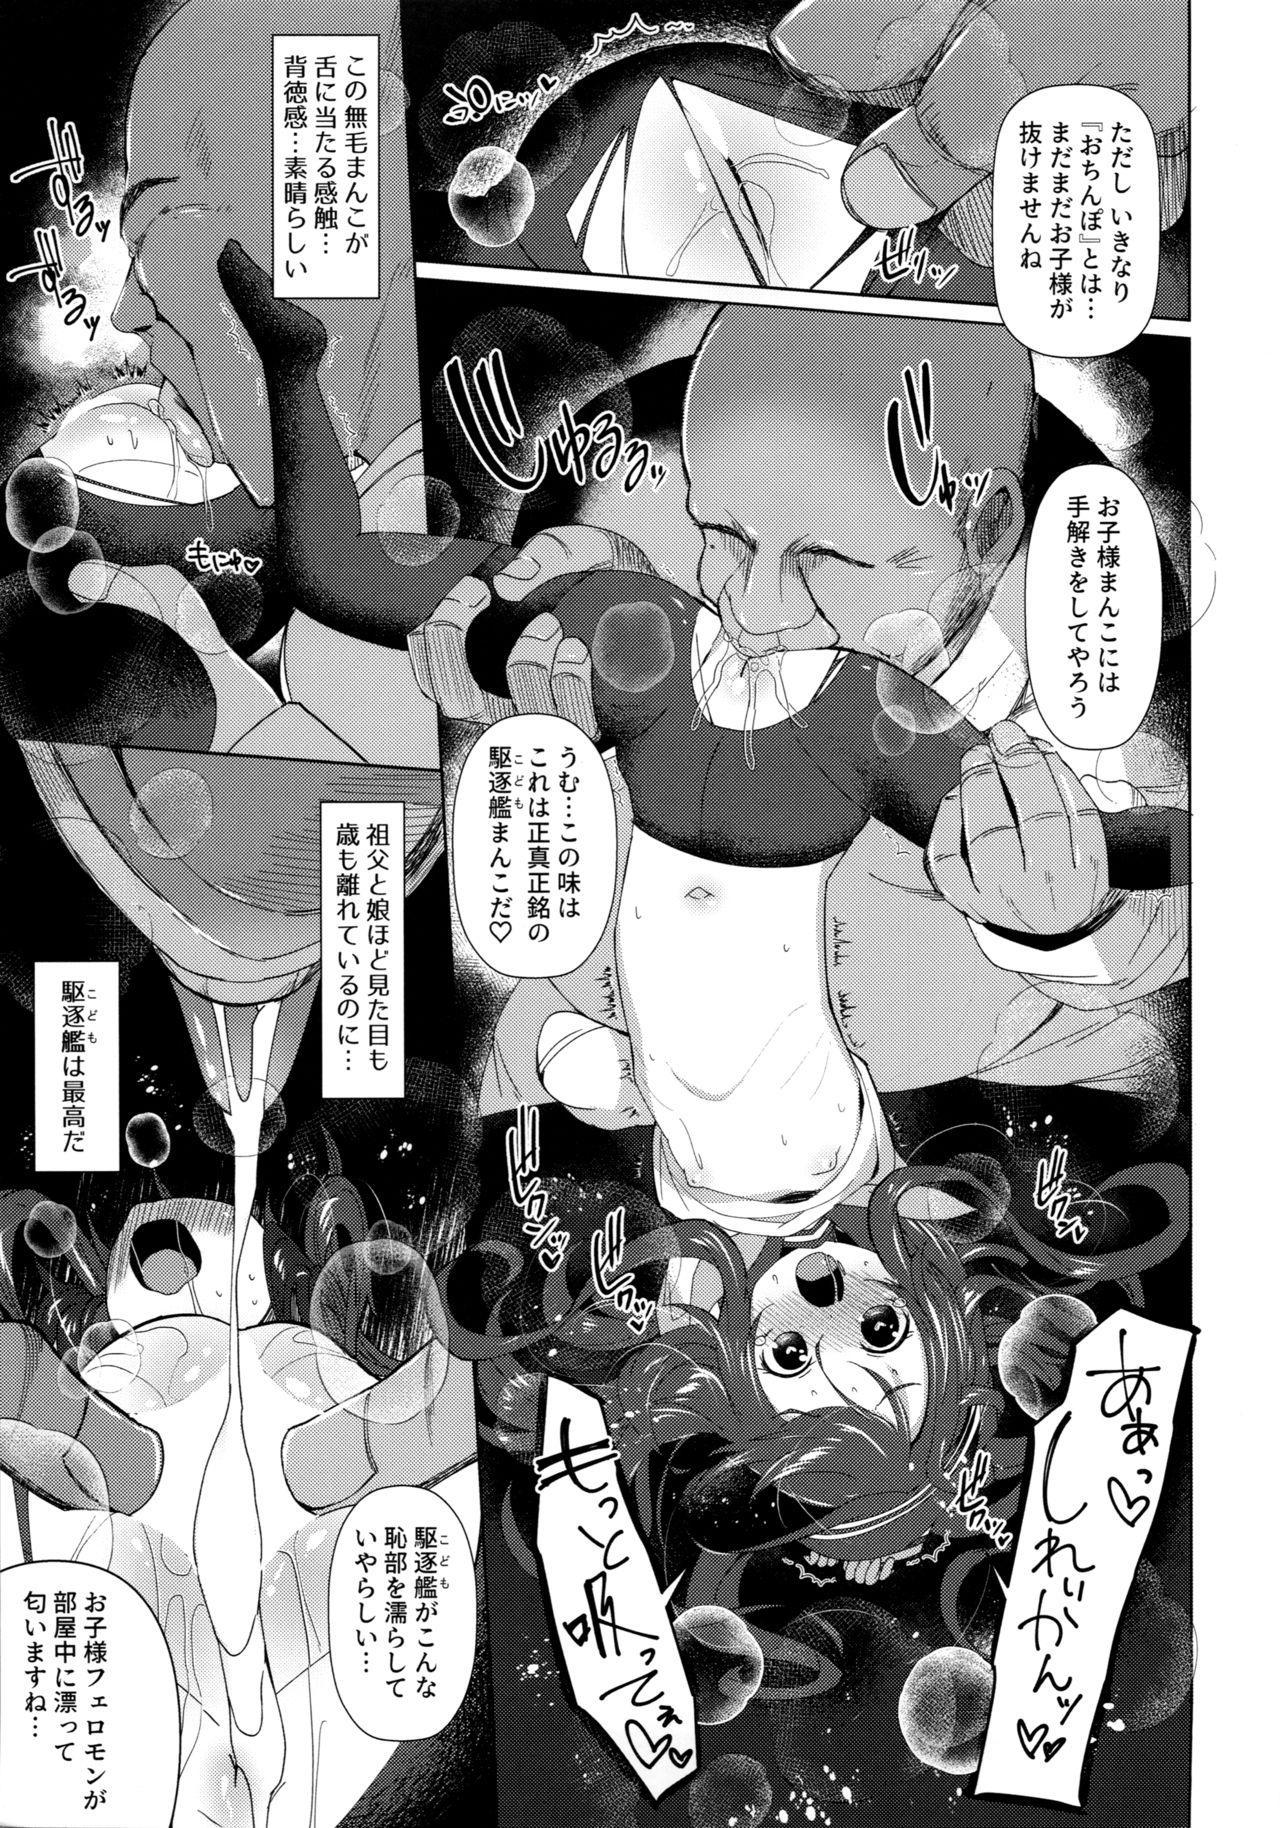 Dairoku Seikatsu 3